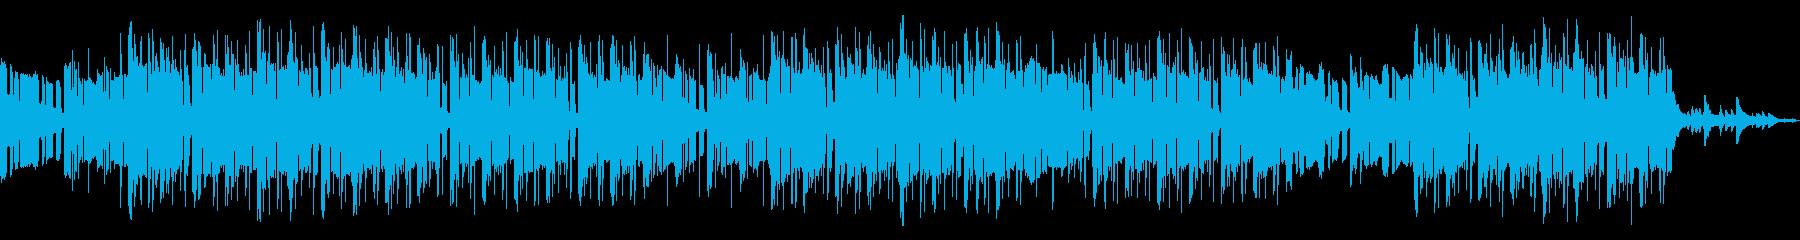 お洒落なローファイピアノヒップホップの再生済みの波形